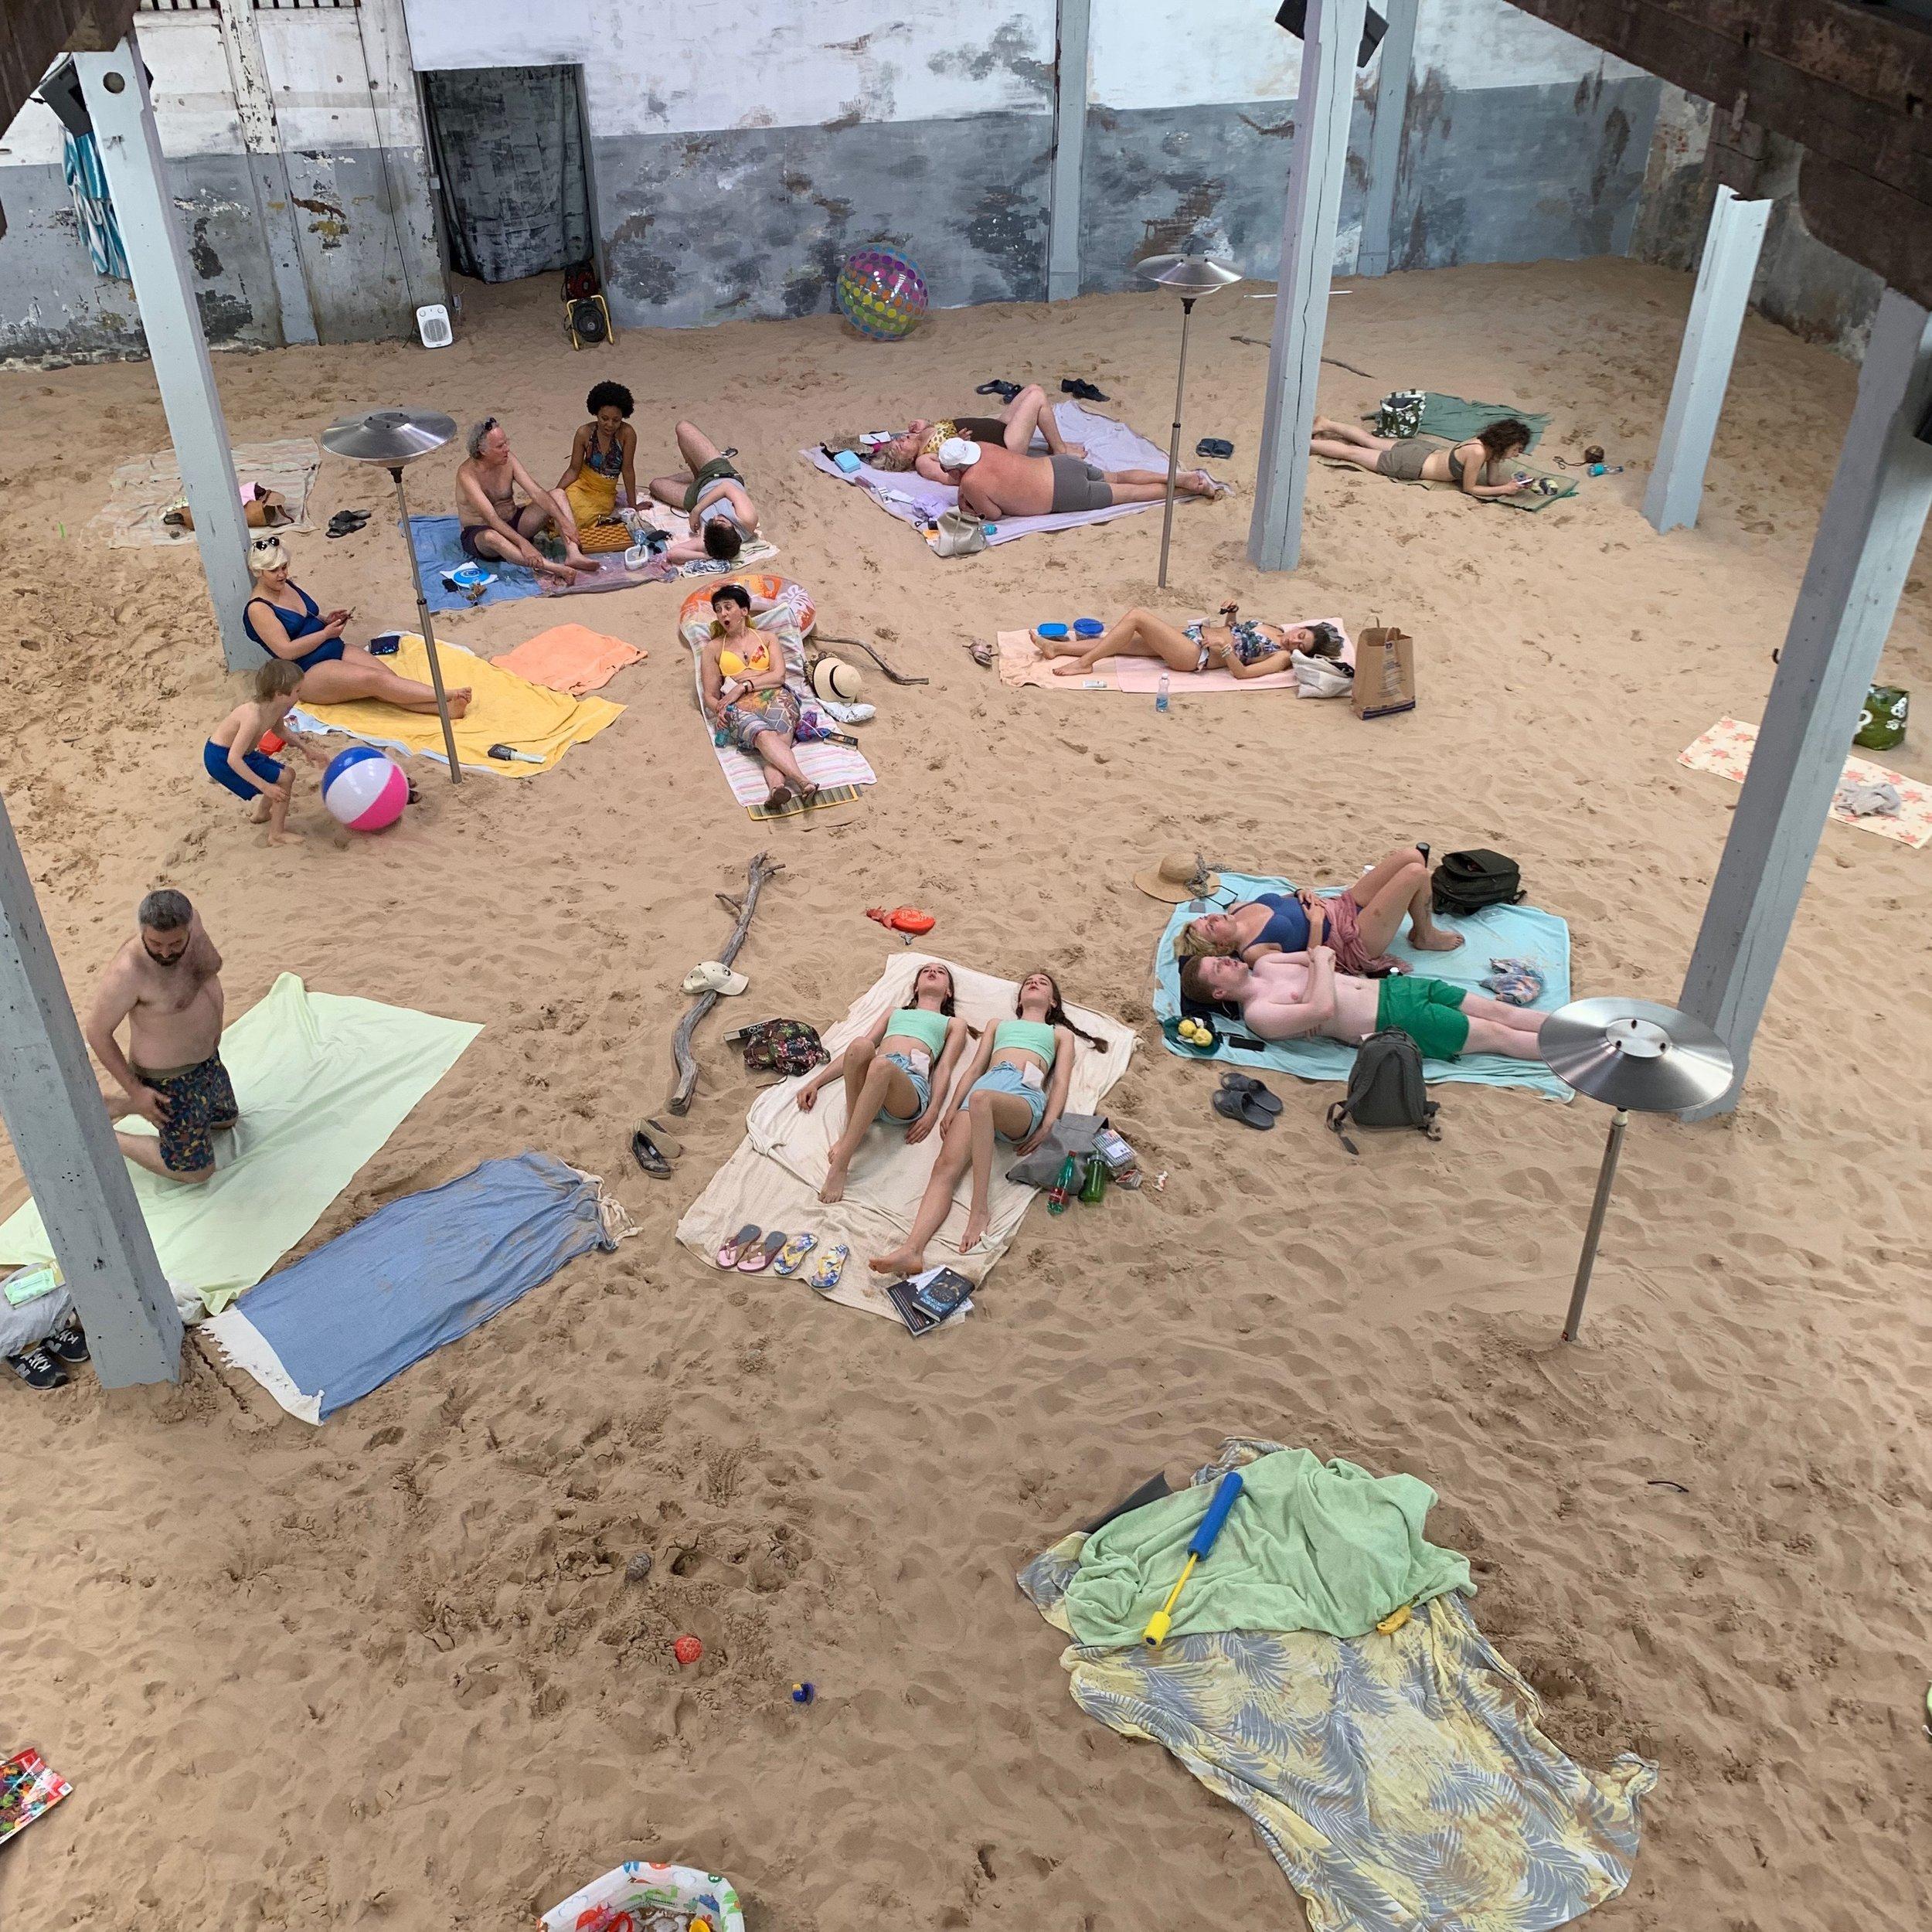 Sun & Sea (Marina) Lithuania 58th Venice Biennale